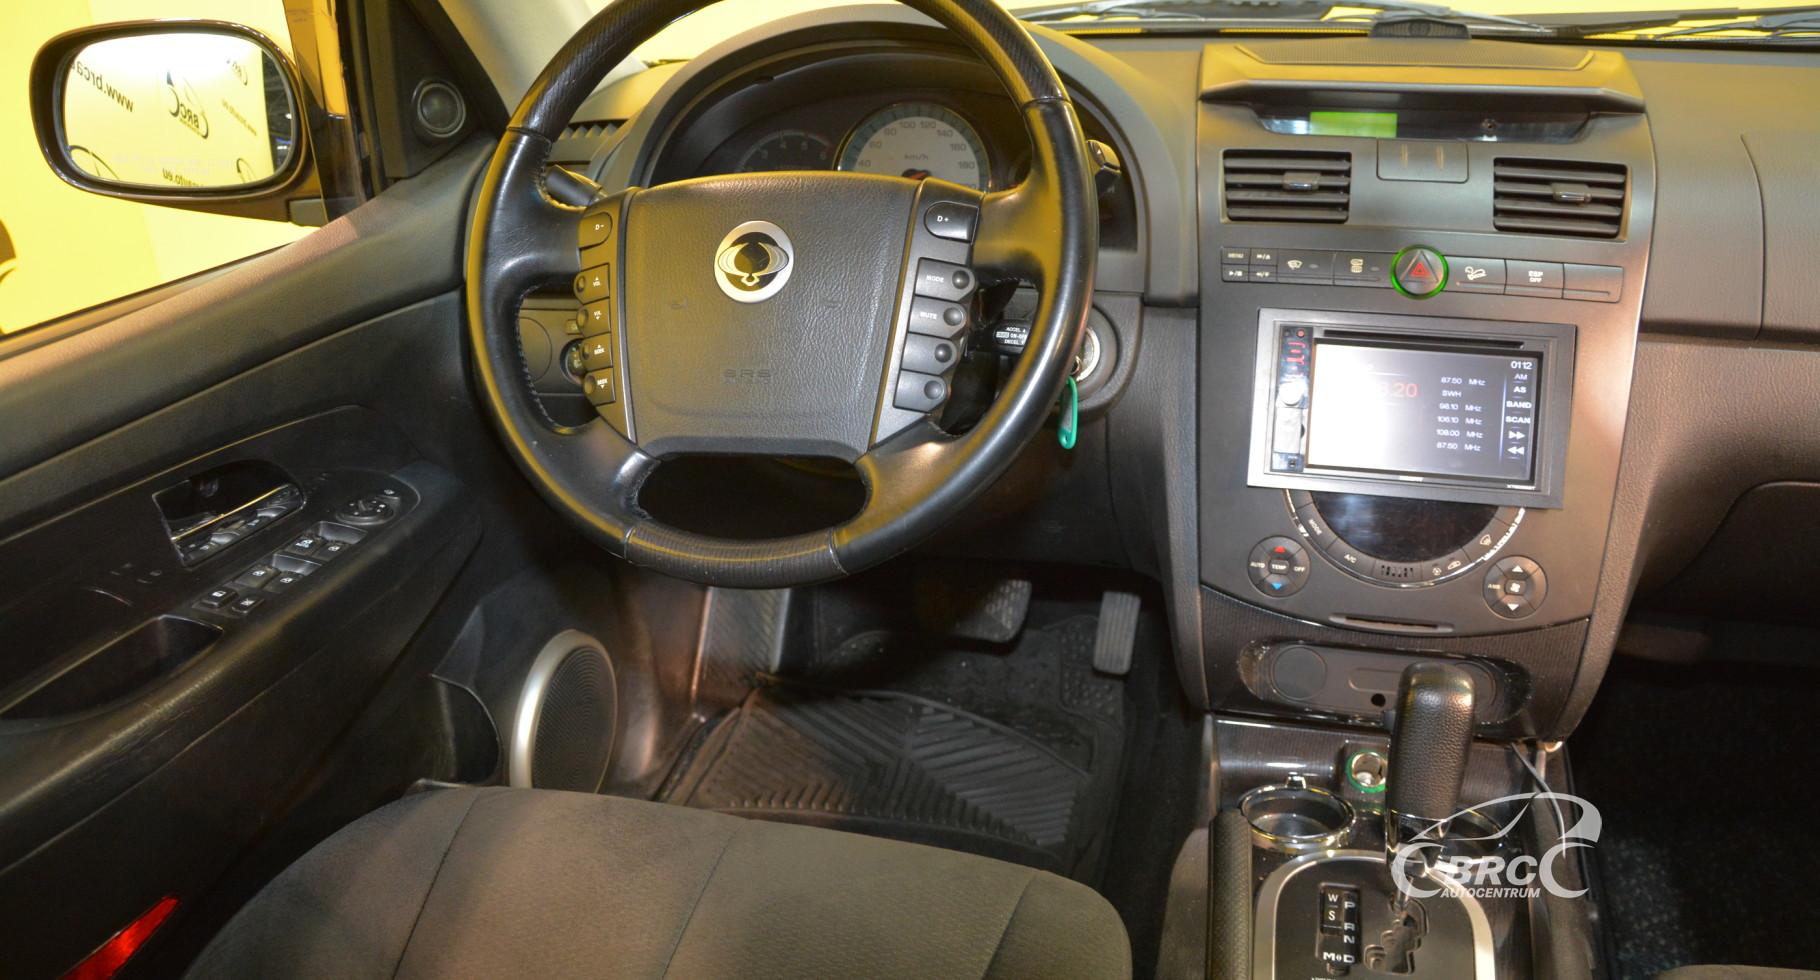 SsangYong Rexton 2.7 XVT AWD Automatas